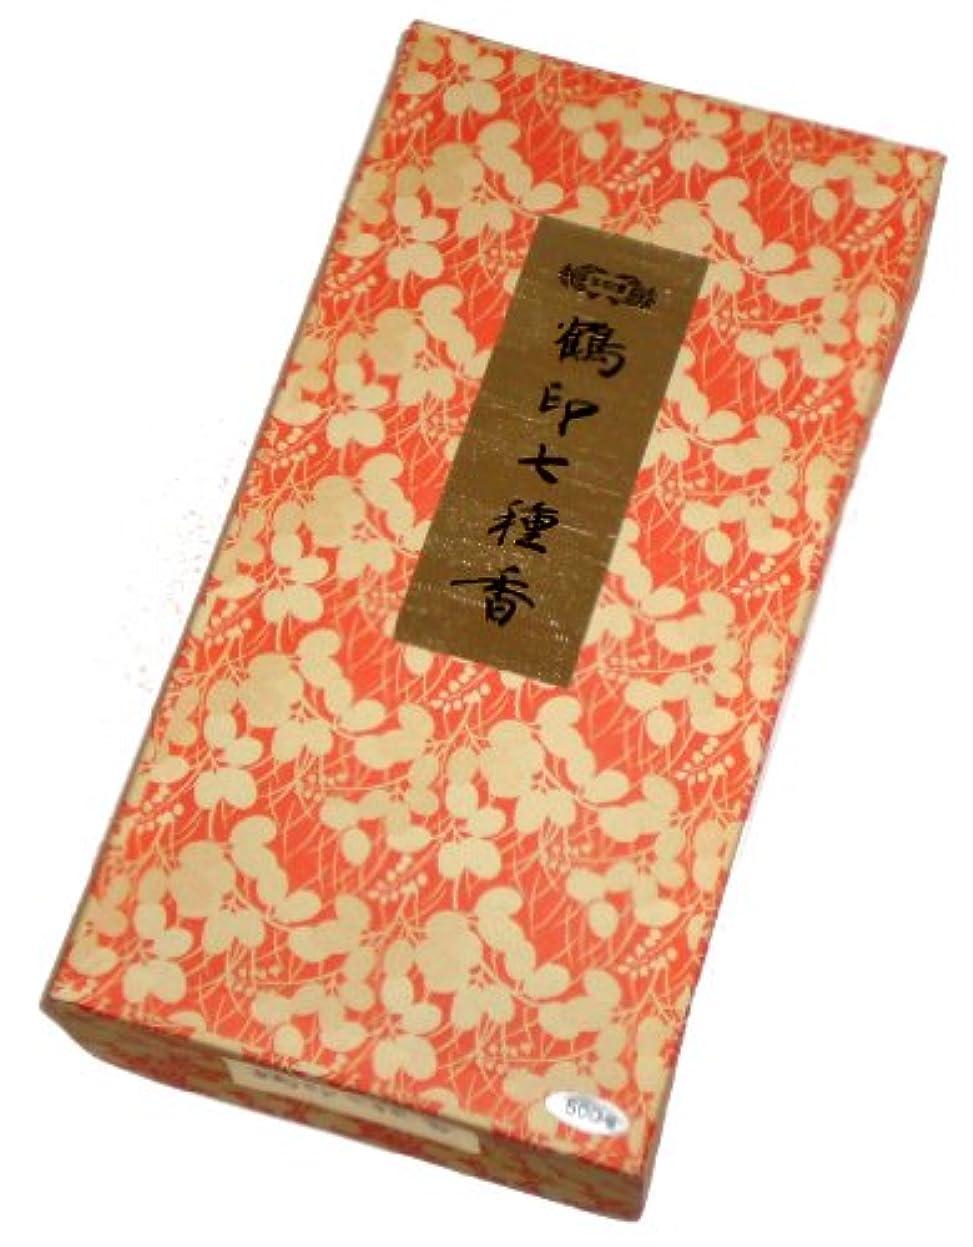 うつ茎合成玉初堂のお香 鶴印七種香 500g #671